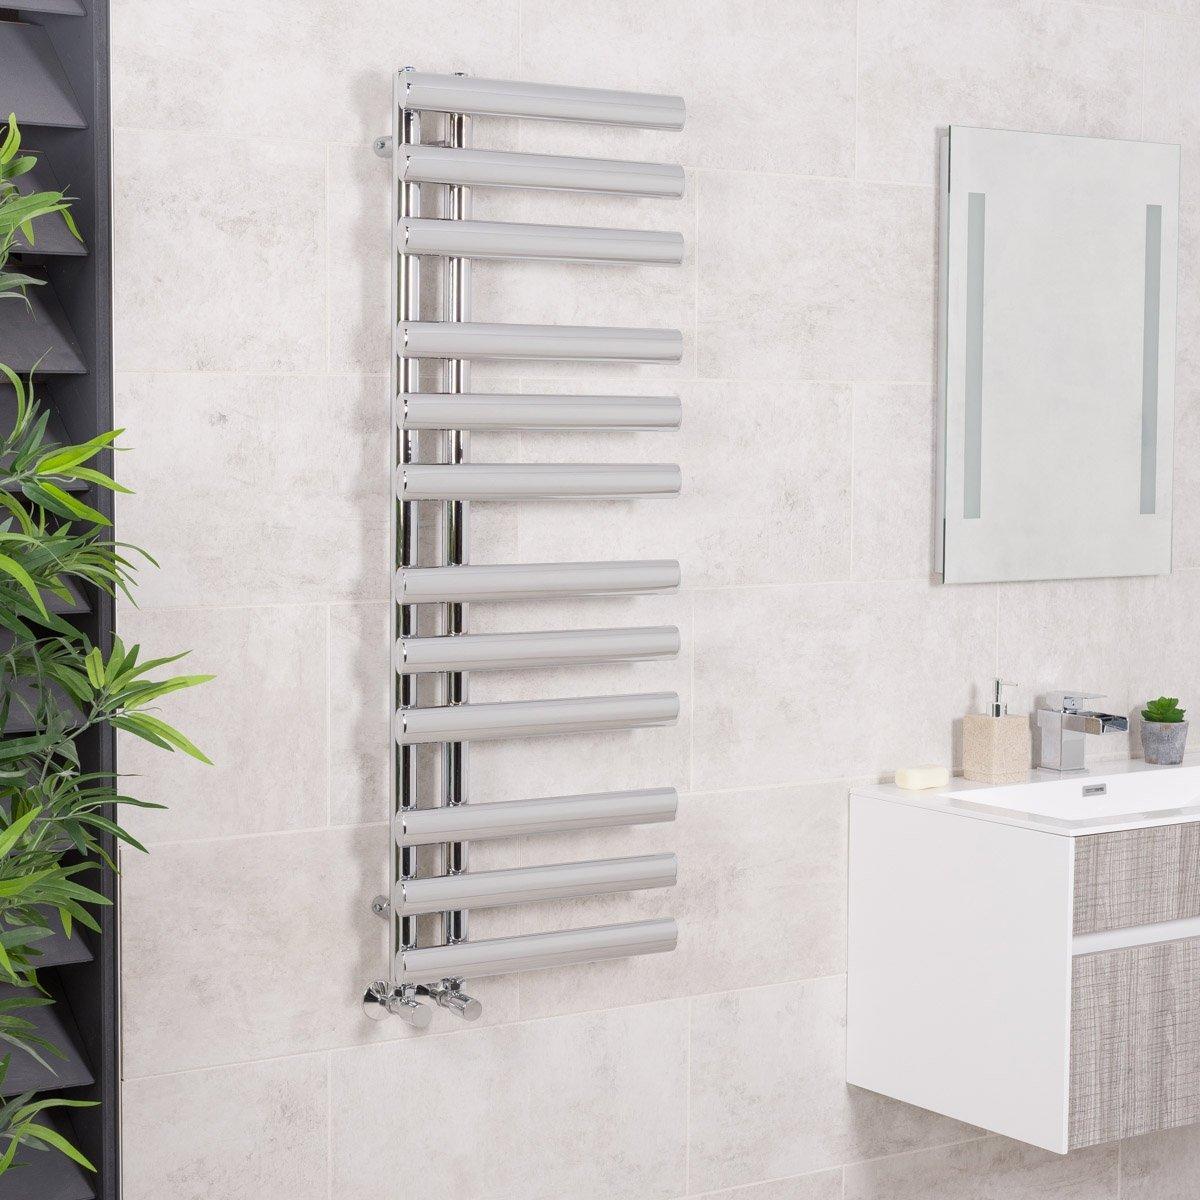 Sè che-serviettes eau chaude Kristiansund 382W - 1200 x 450mm - Droit - Chrome WarmeHaus